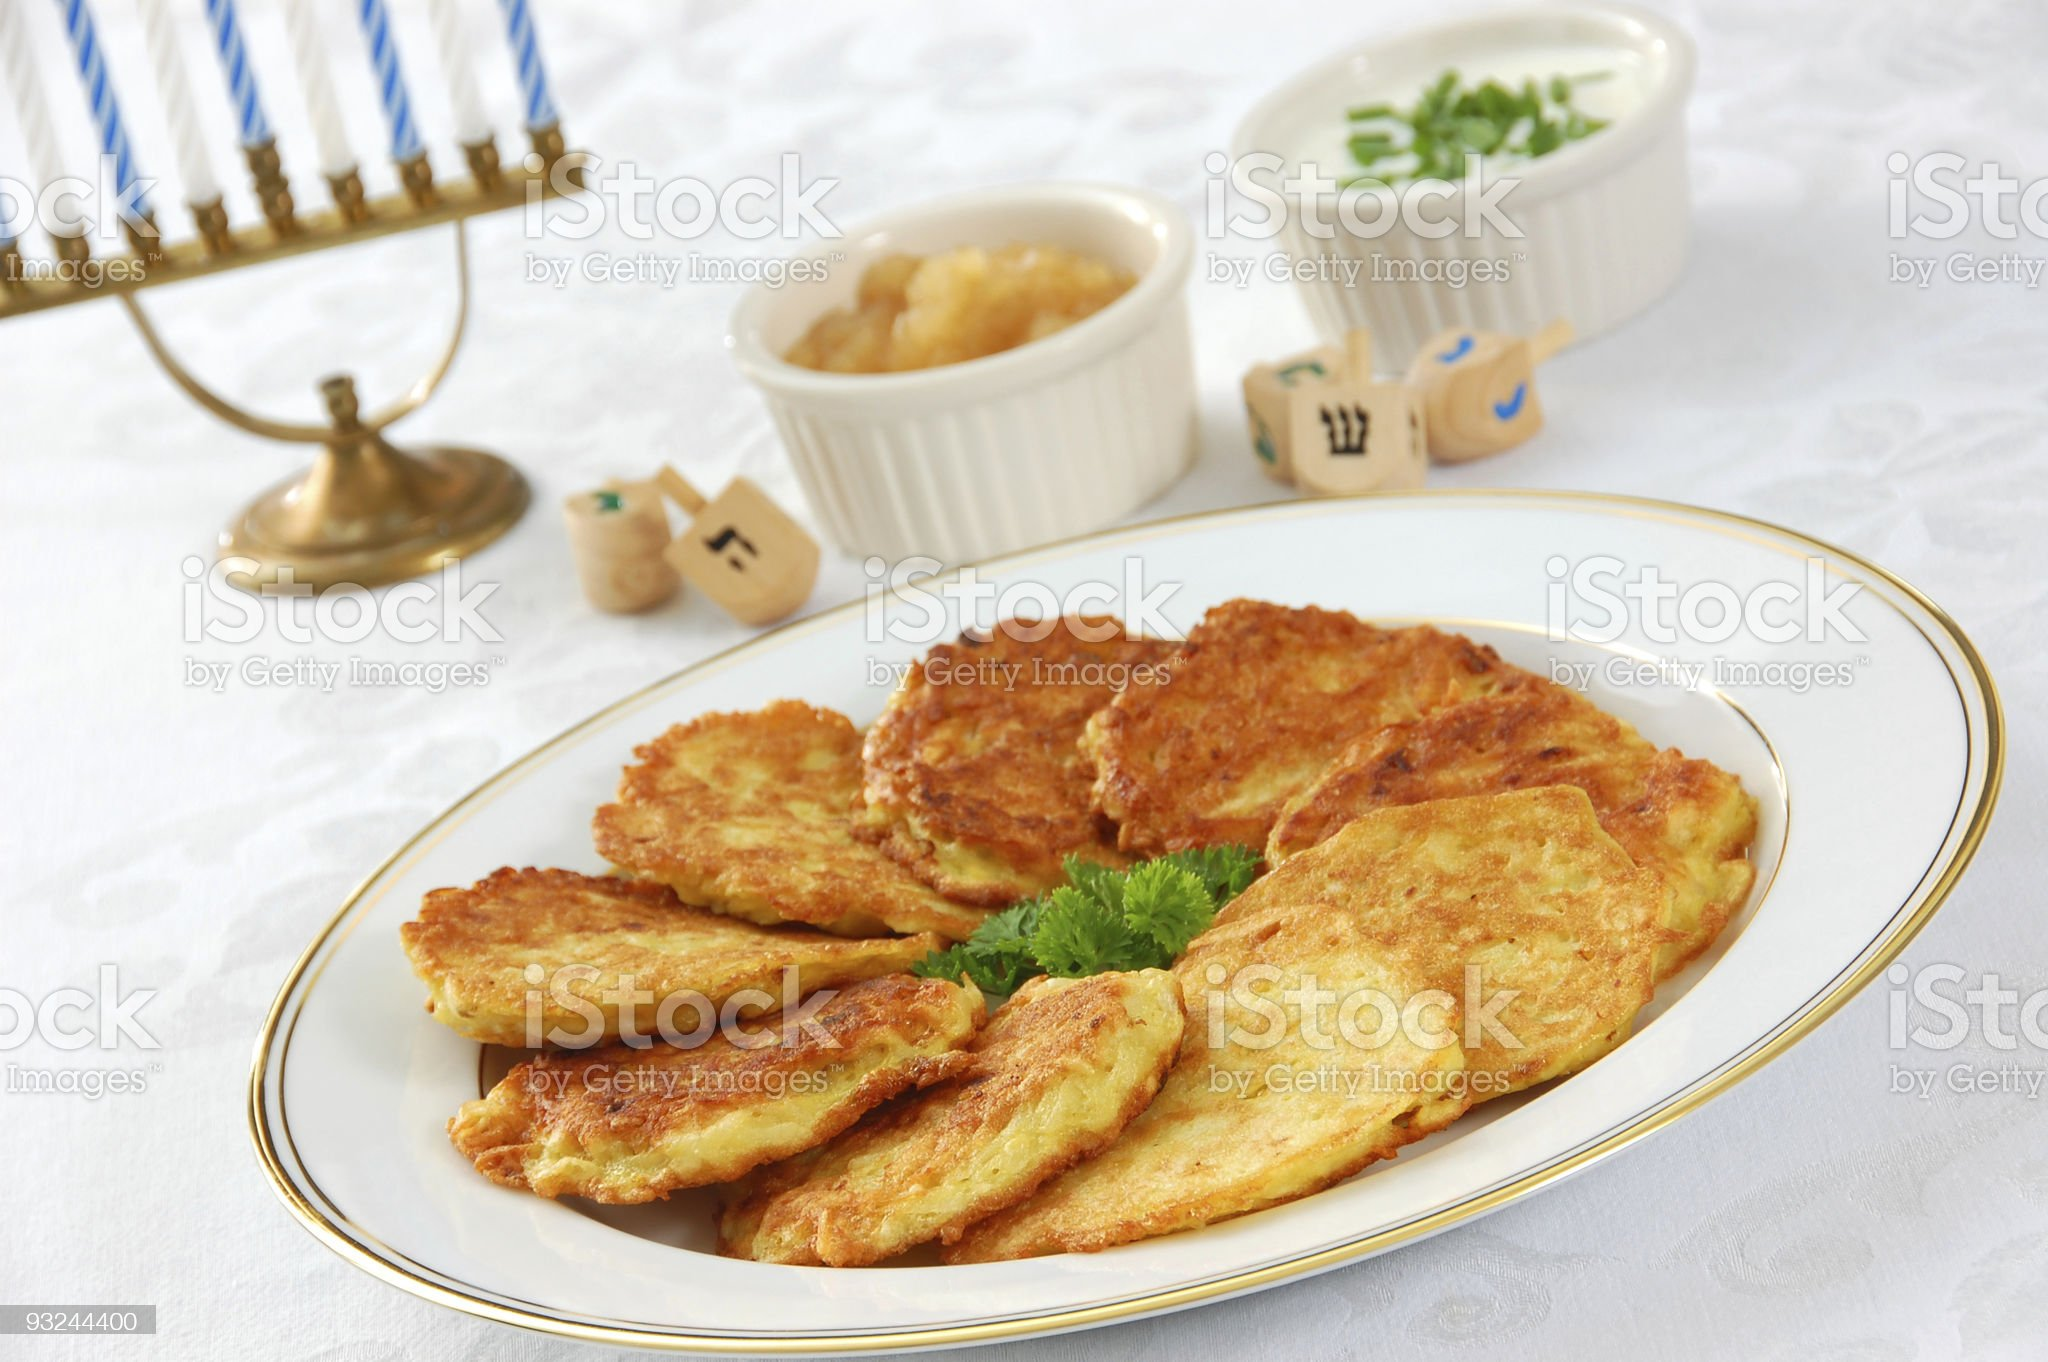 Latkes for Hanukkah royalty-free stock photo